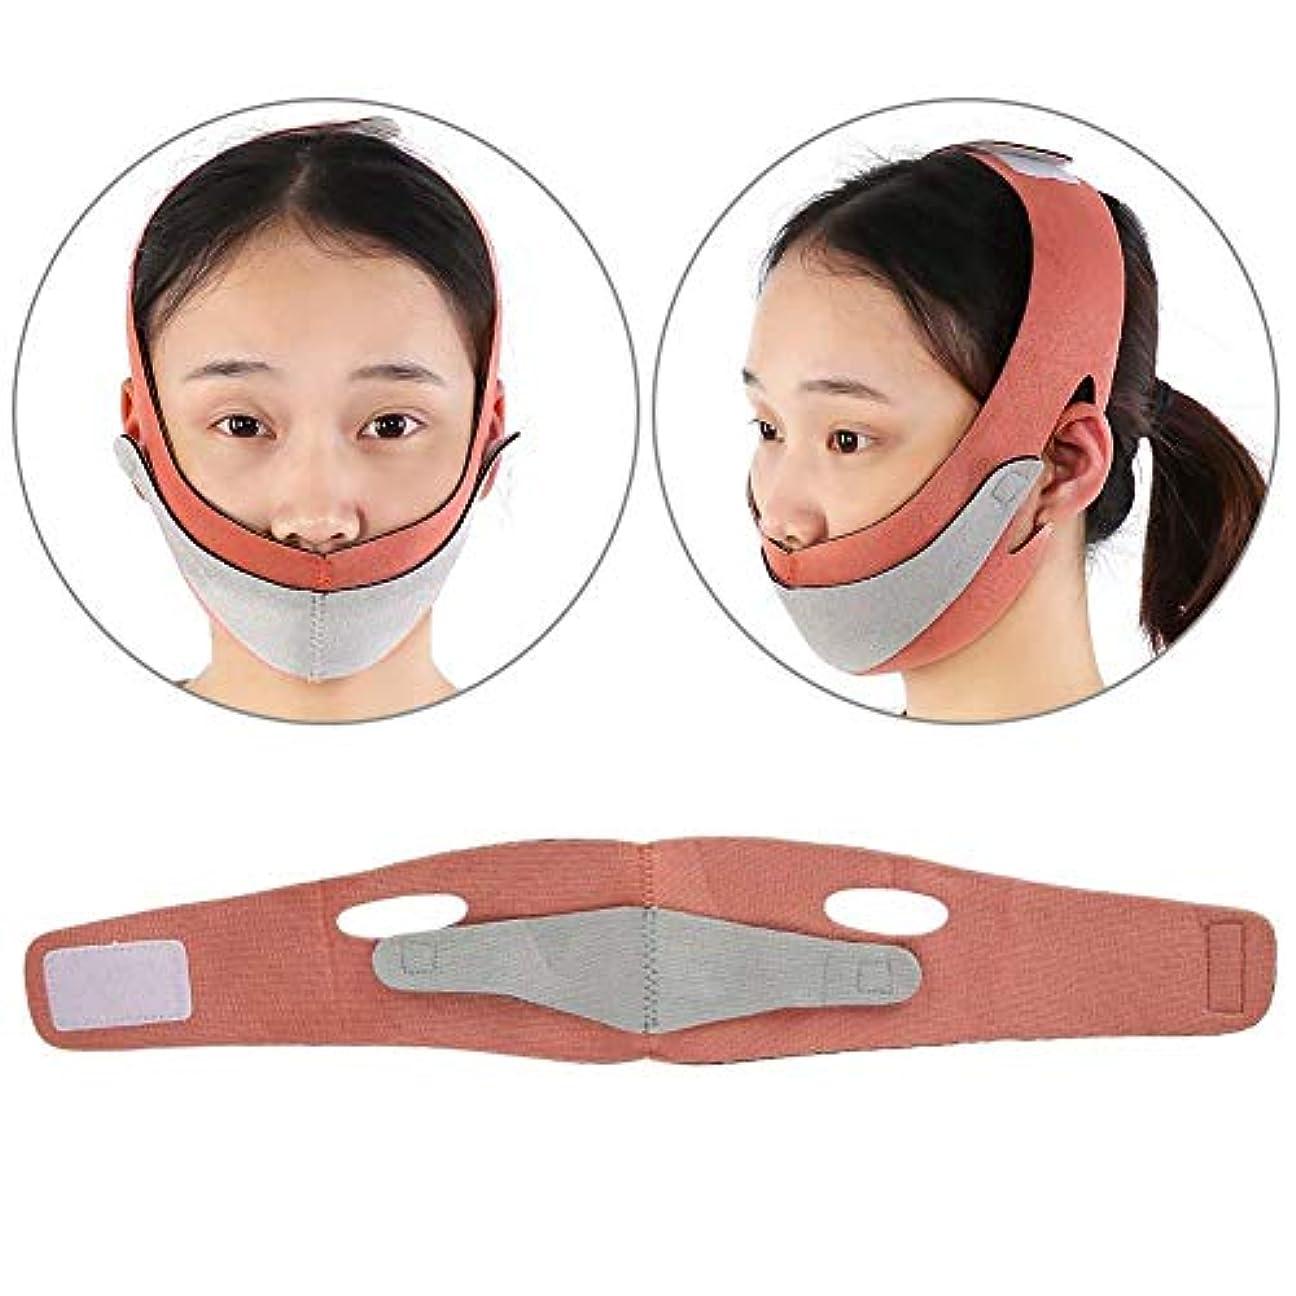 準備した急流しなやか顔の輪郭を改善し、二重あご、脂肪蓄積、筋肉弛緩を効果的に改善するためのVフェイス美容包帯(02)